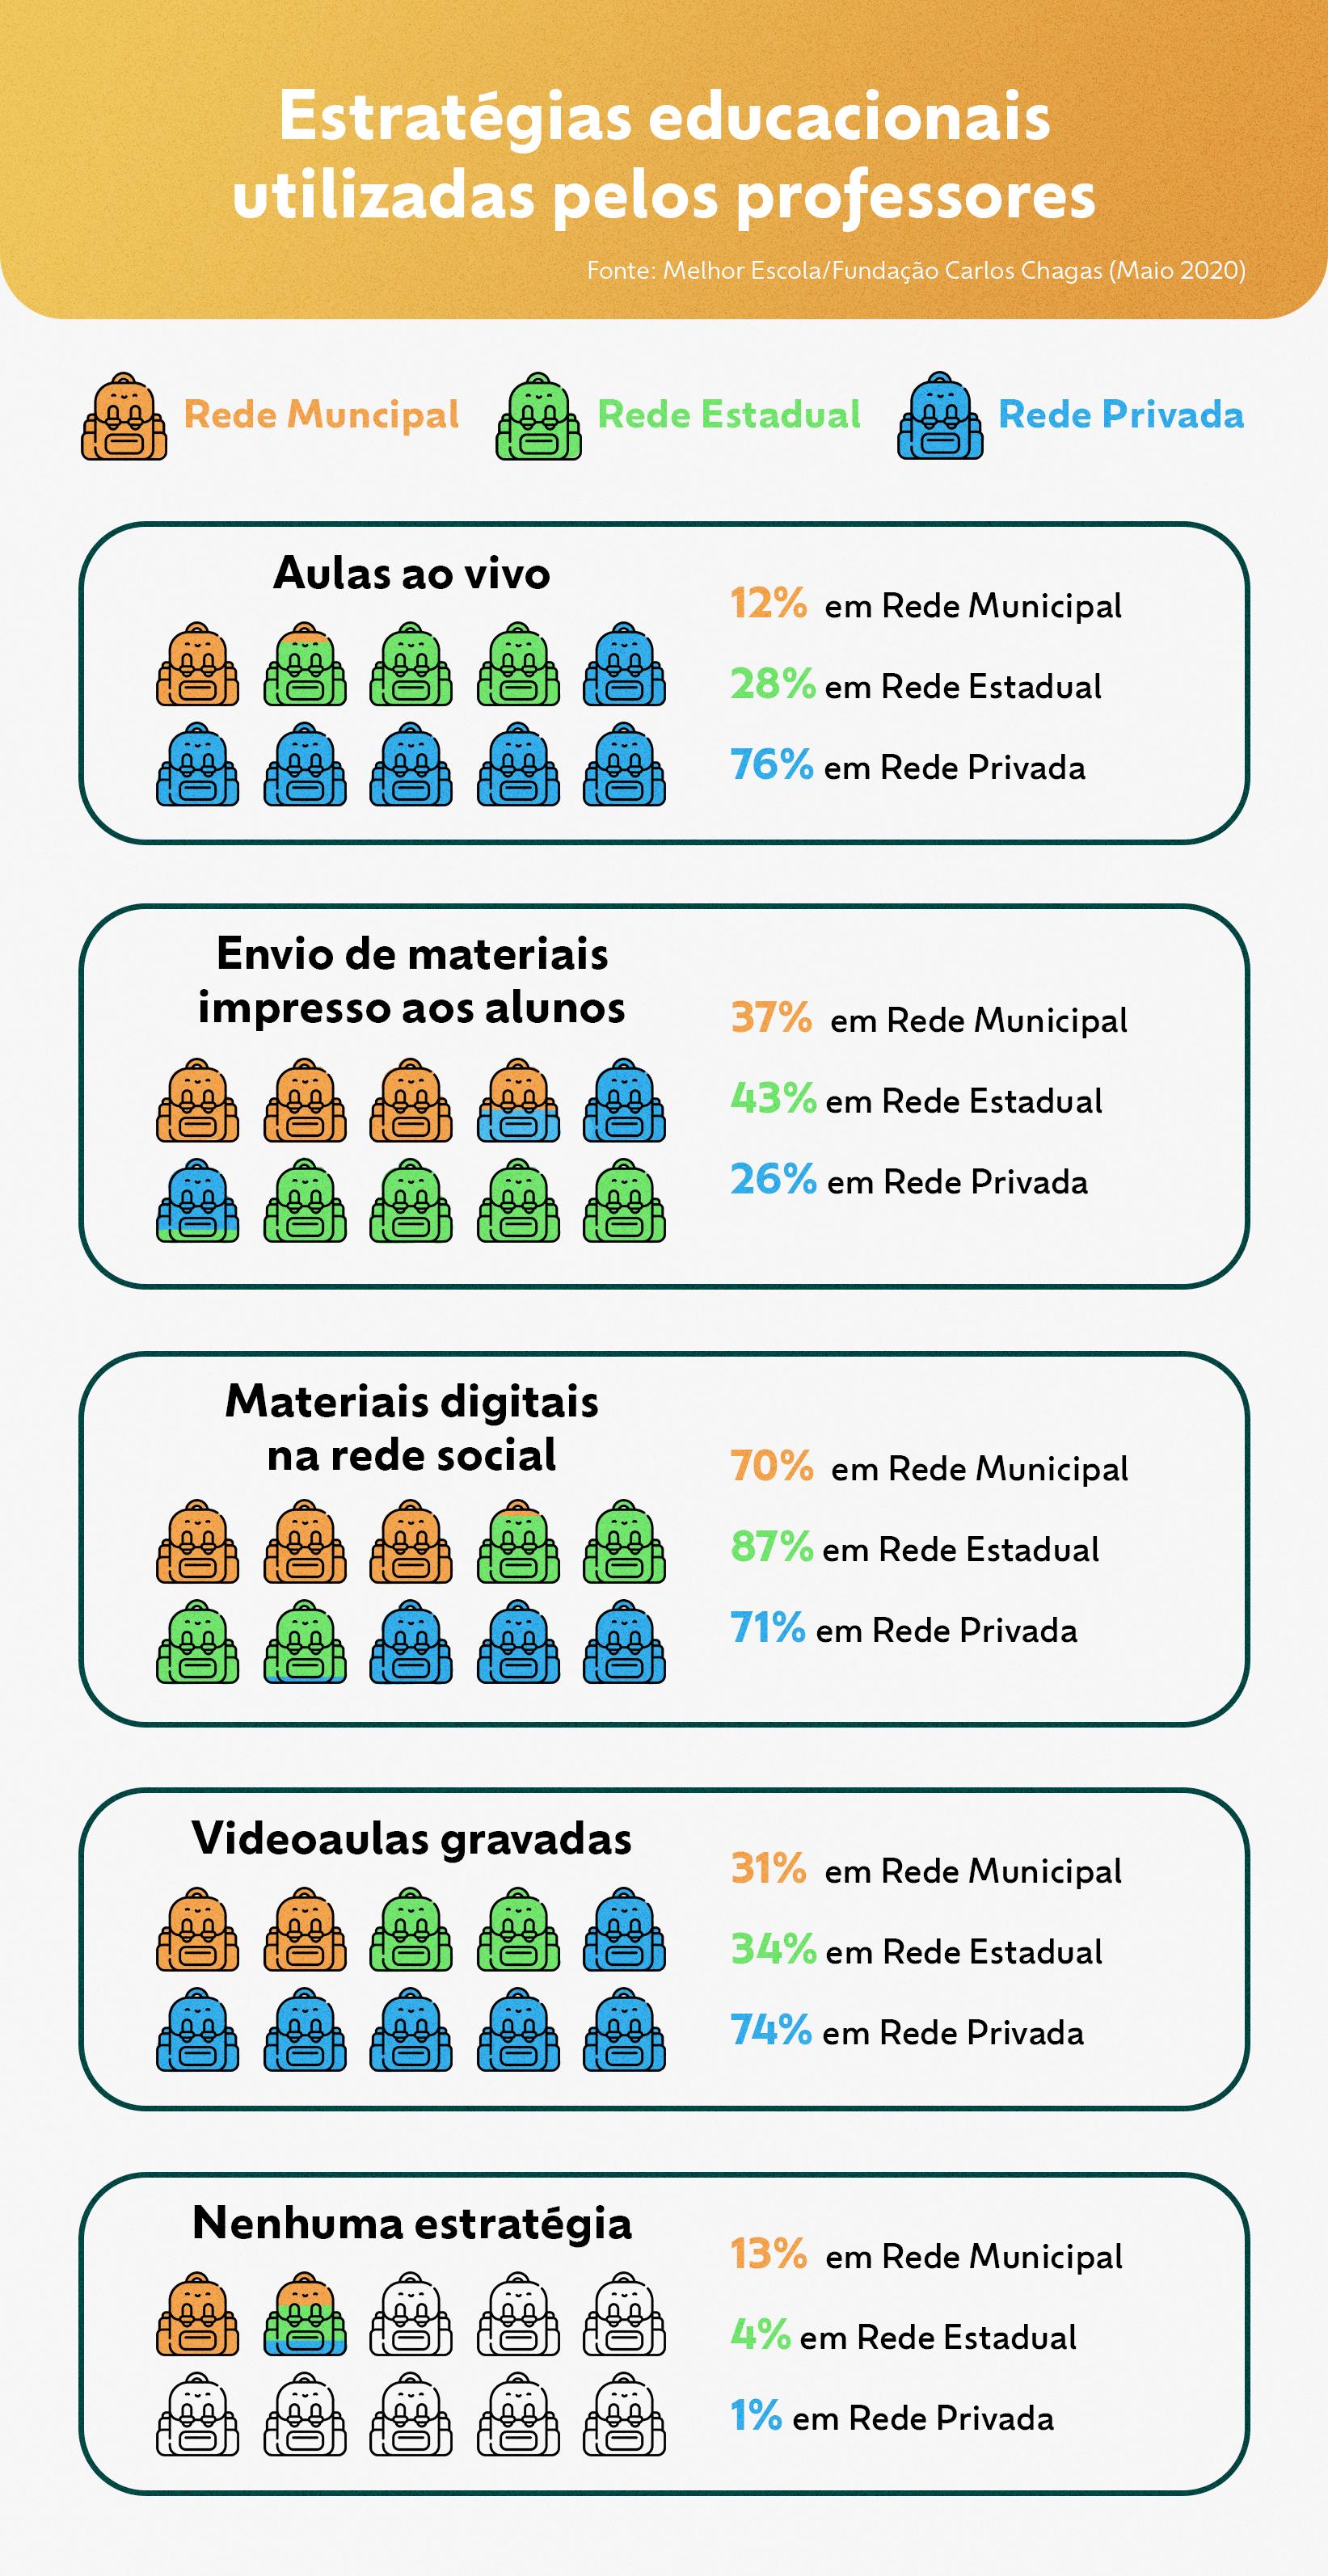 Infográfico mostra as estratégias educacionais utilizadas pelos professores das redes pública e privada durante o ensino remoto em 2020.